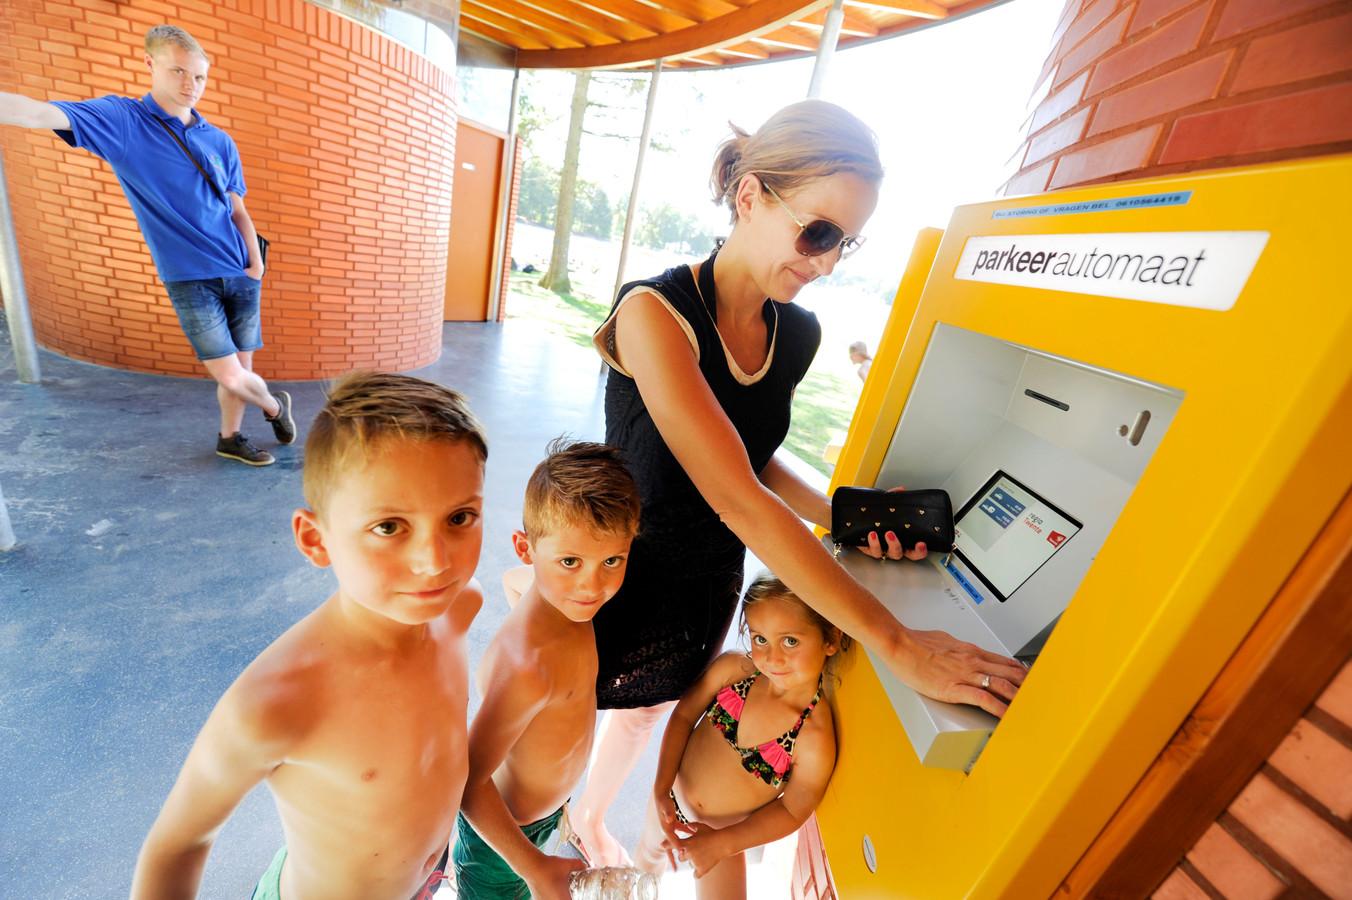 Bezoekers van het Hulsbeek zonder parkeerpas betalen bij parkeerautomaat. Als ze vaak komen zijn ze duur uit, vergeleken met de parkeerpas.